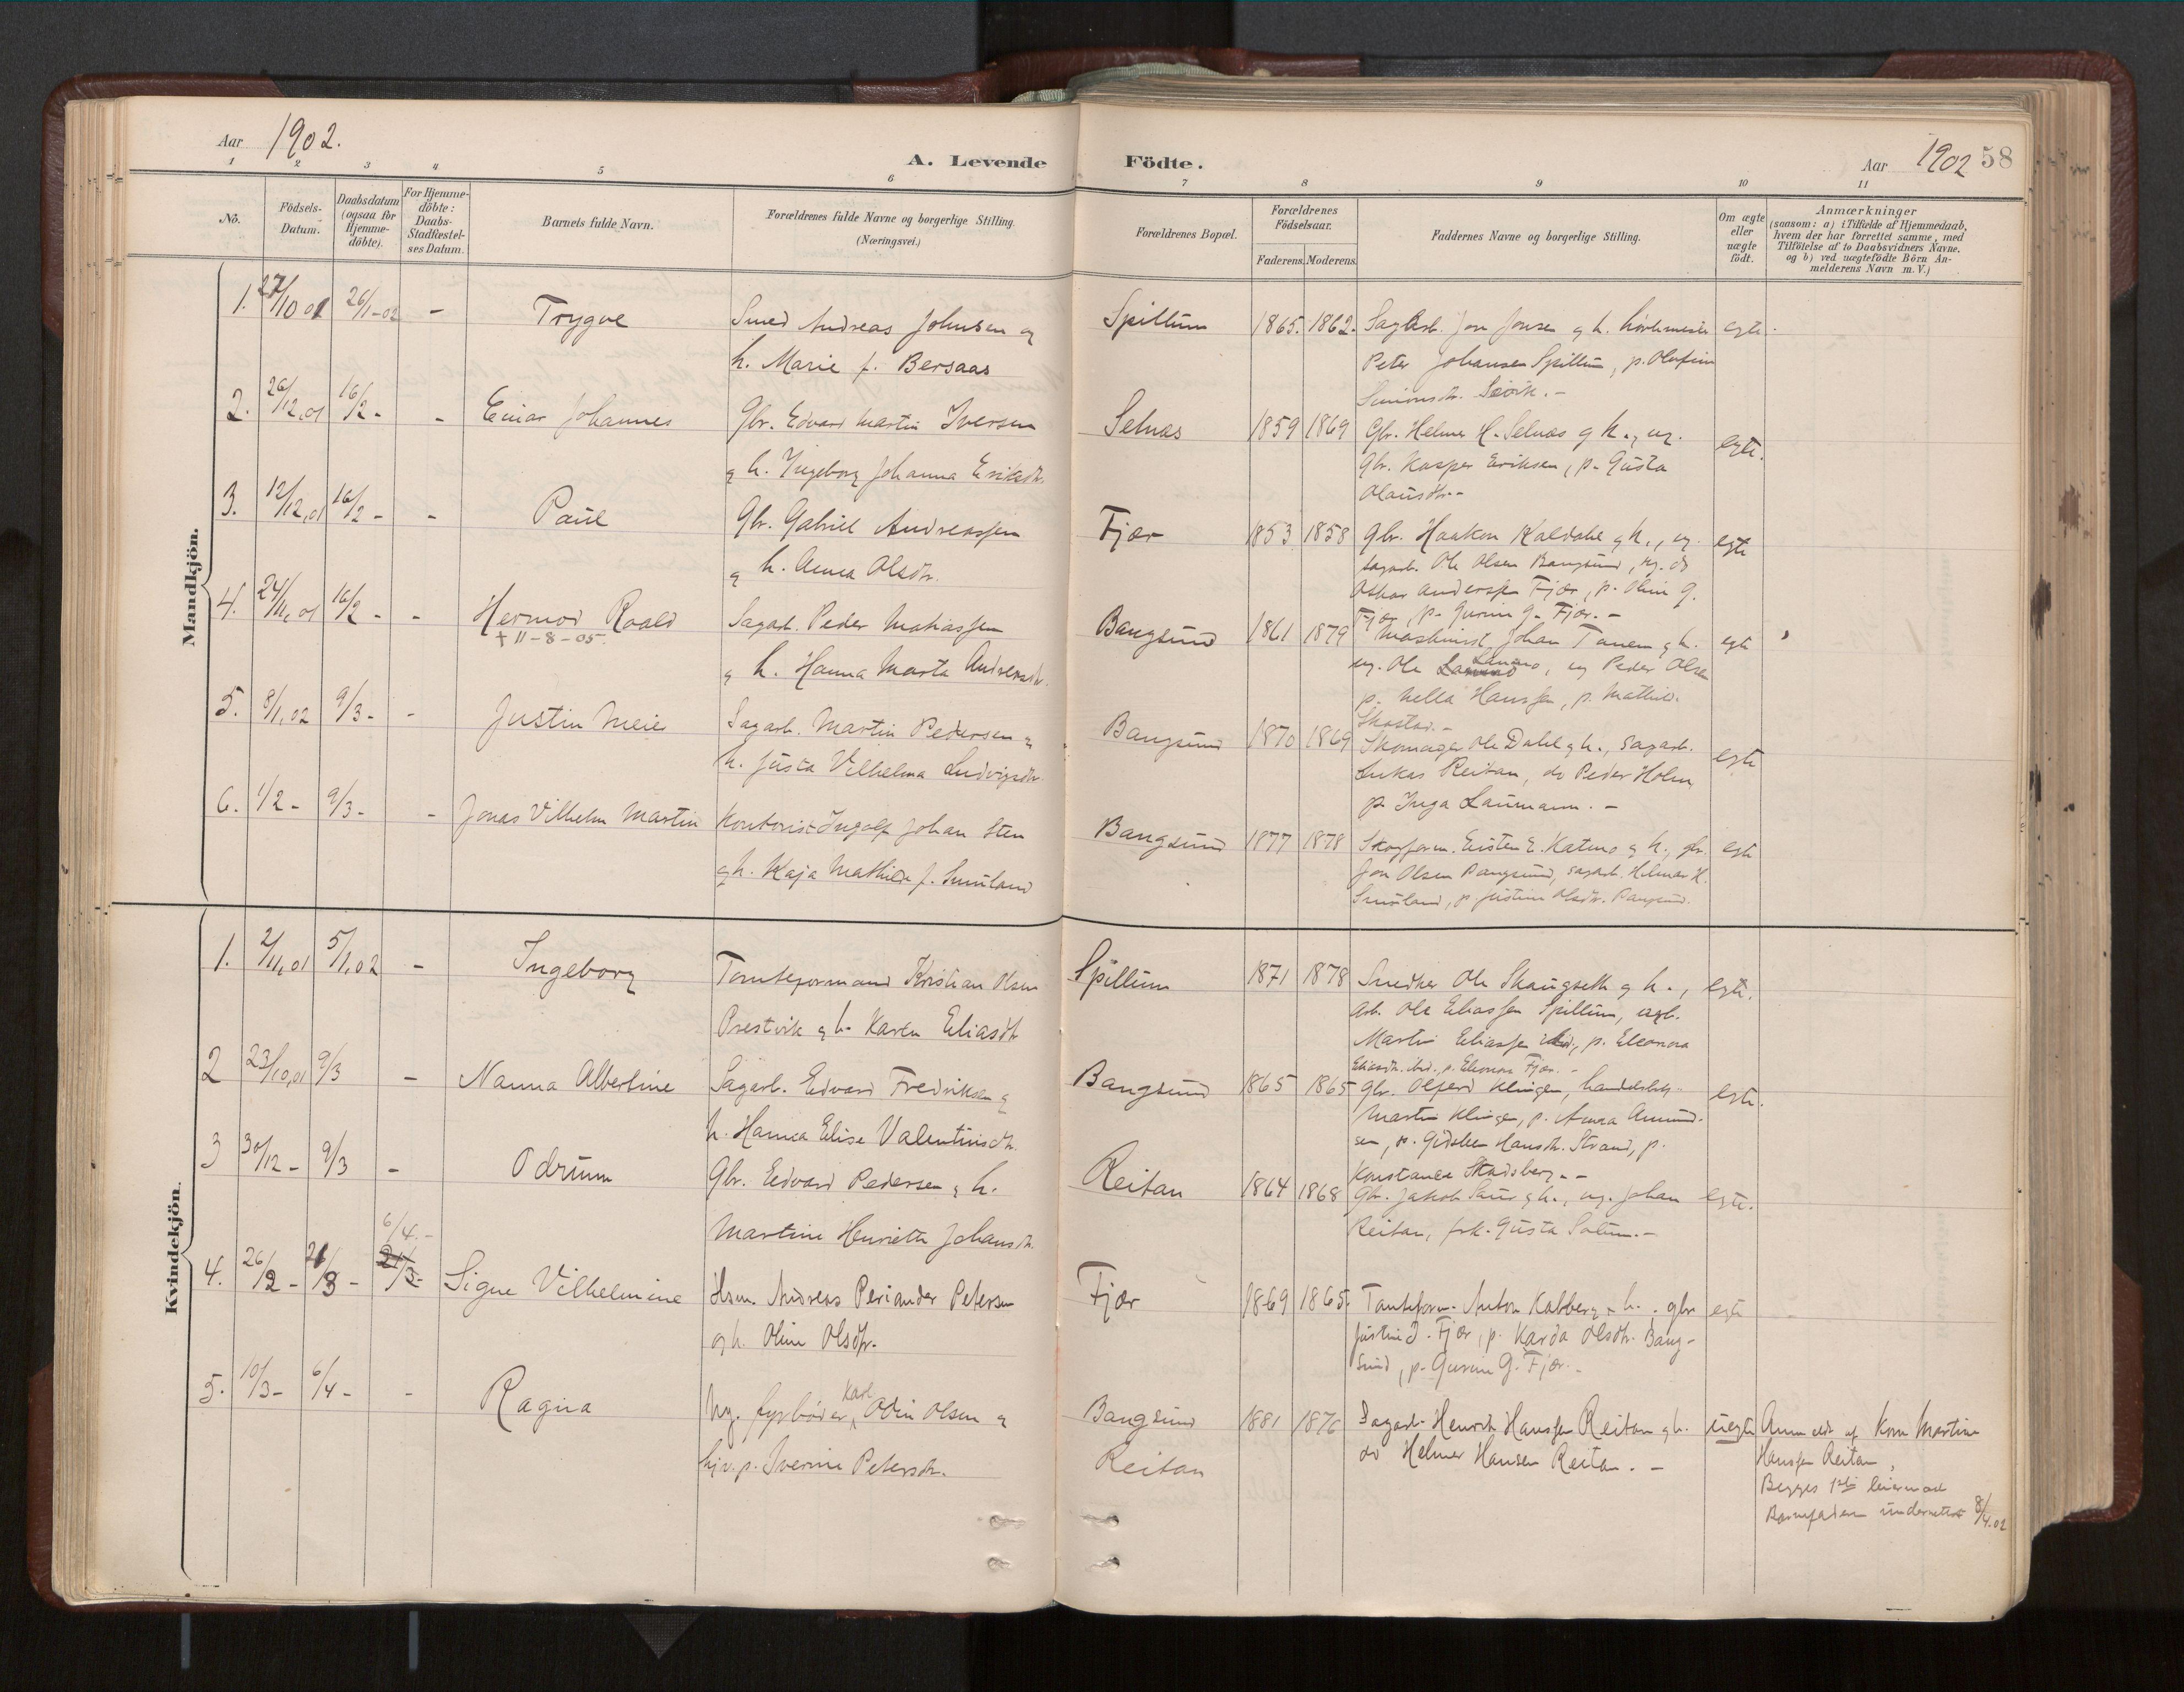 SAT, Ministerialprotokoller, klokkerbøker og fødselsregistre - Nord-Trøndelag, 770/L0589: Ministerialbok nr. 770A03, 1887-1929, s. 58